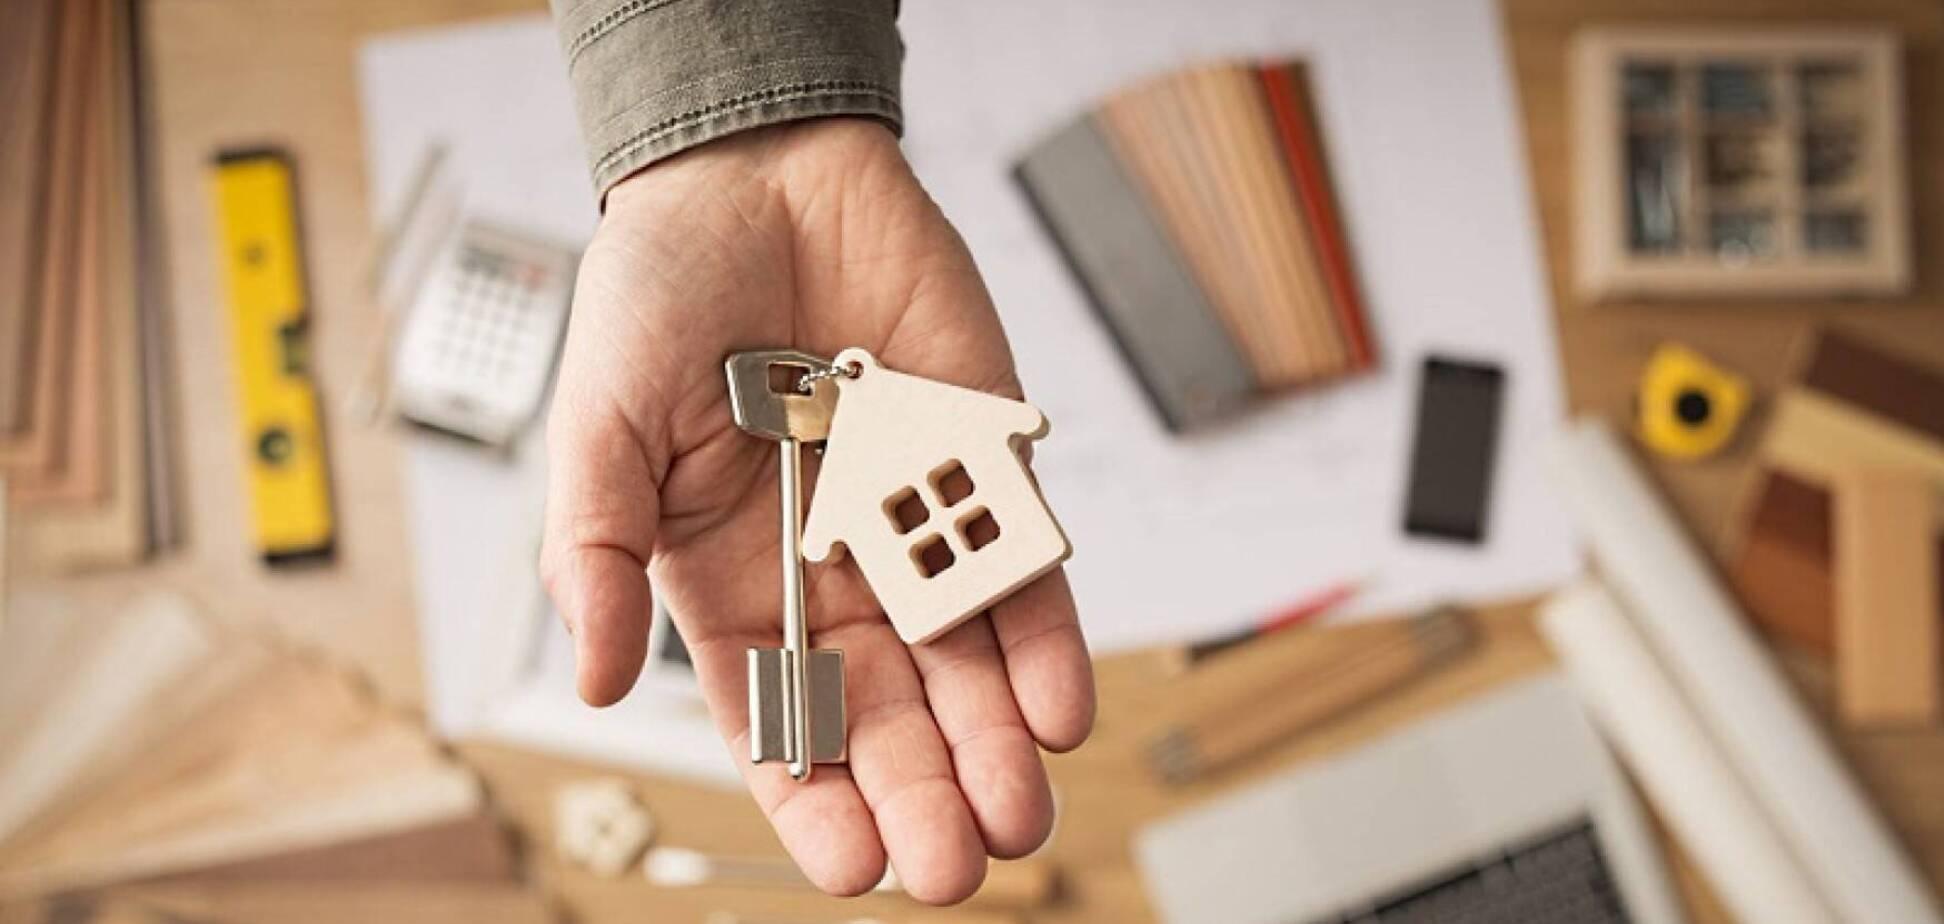 Украинцы заплатят налог за каждый квадратный метр квартиры: сколько придется отдать в 2020-м и 2021-м